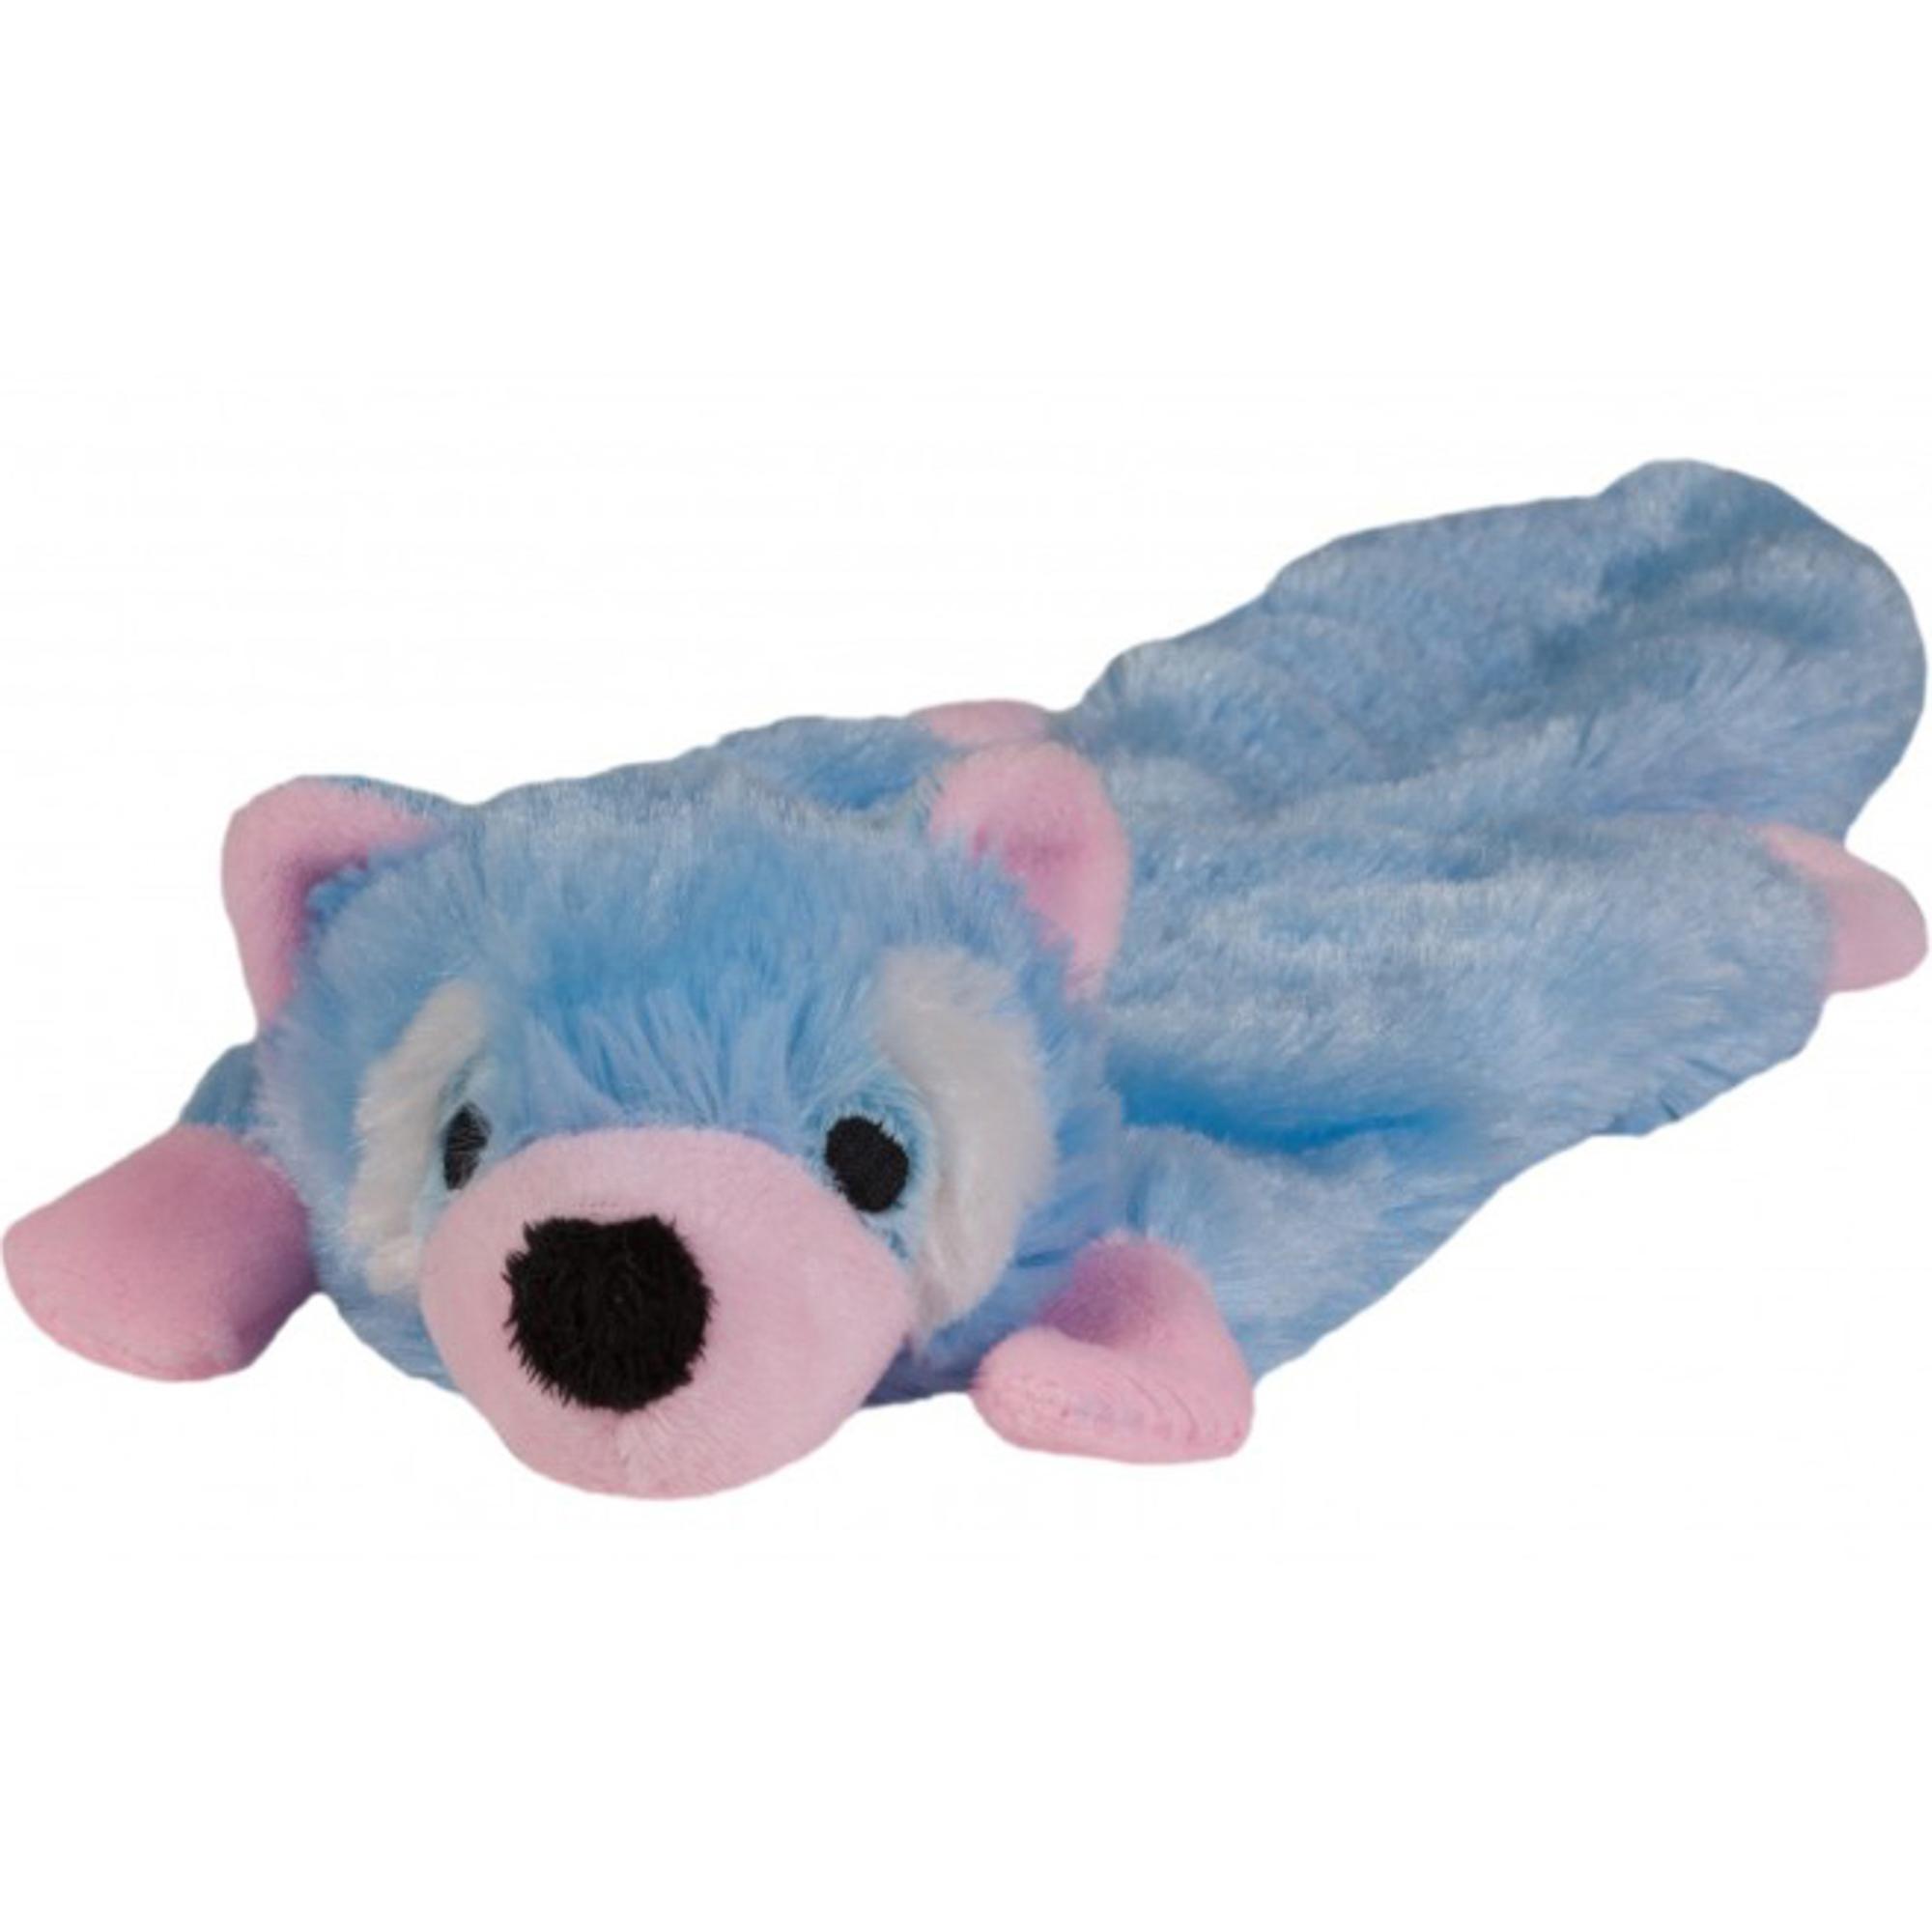 Купить Игрушка для щенков CHOMPER Енот плоская, мягкая игрушка, Китай, голубой, розовый, плюш